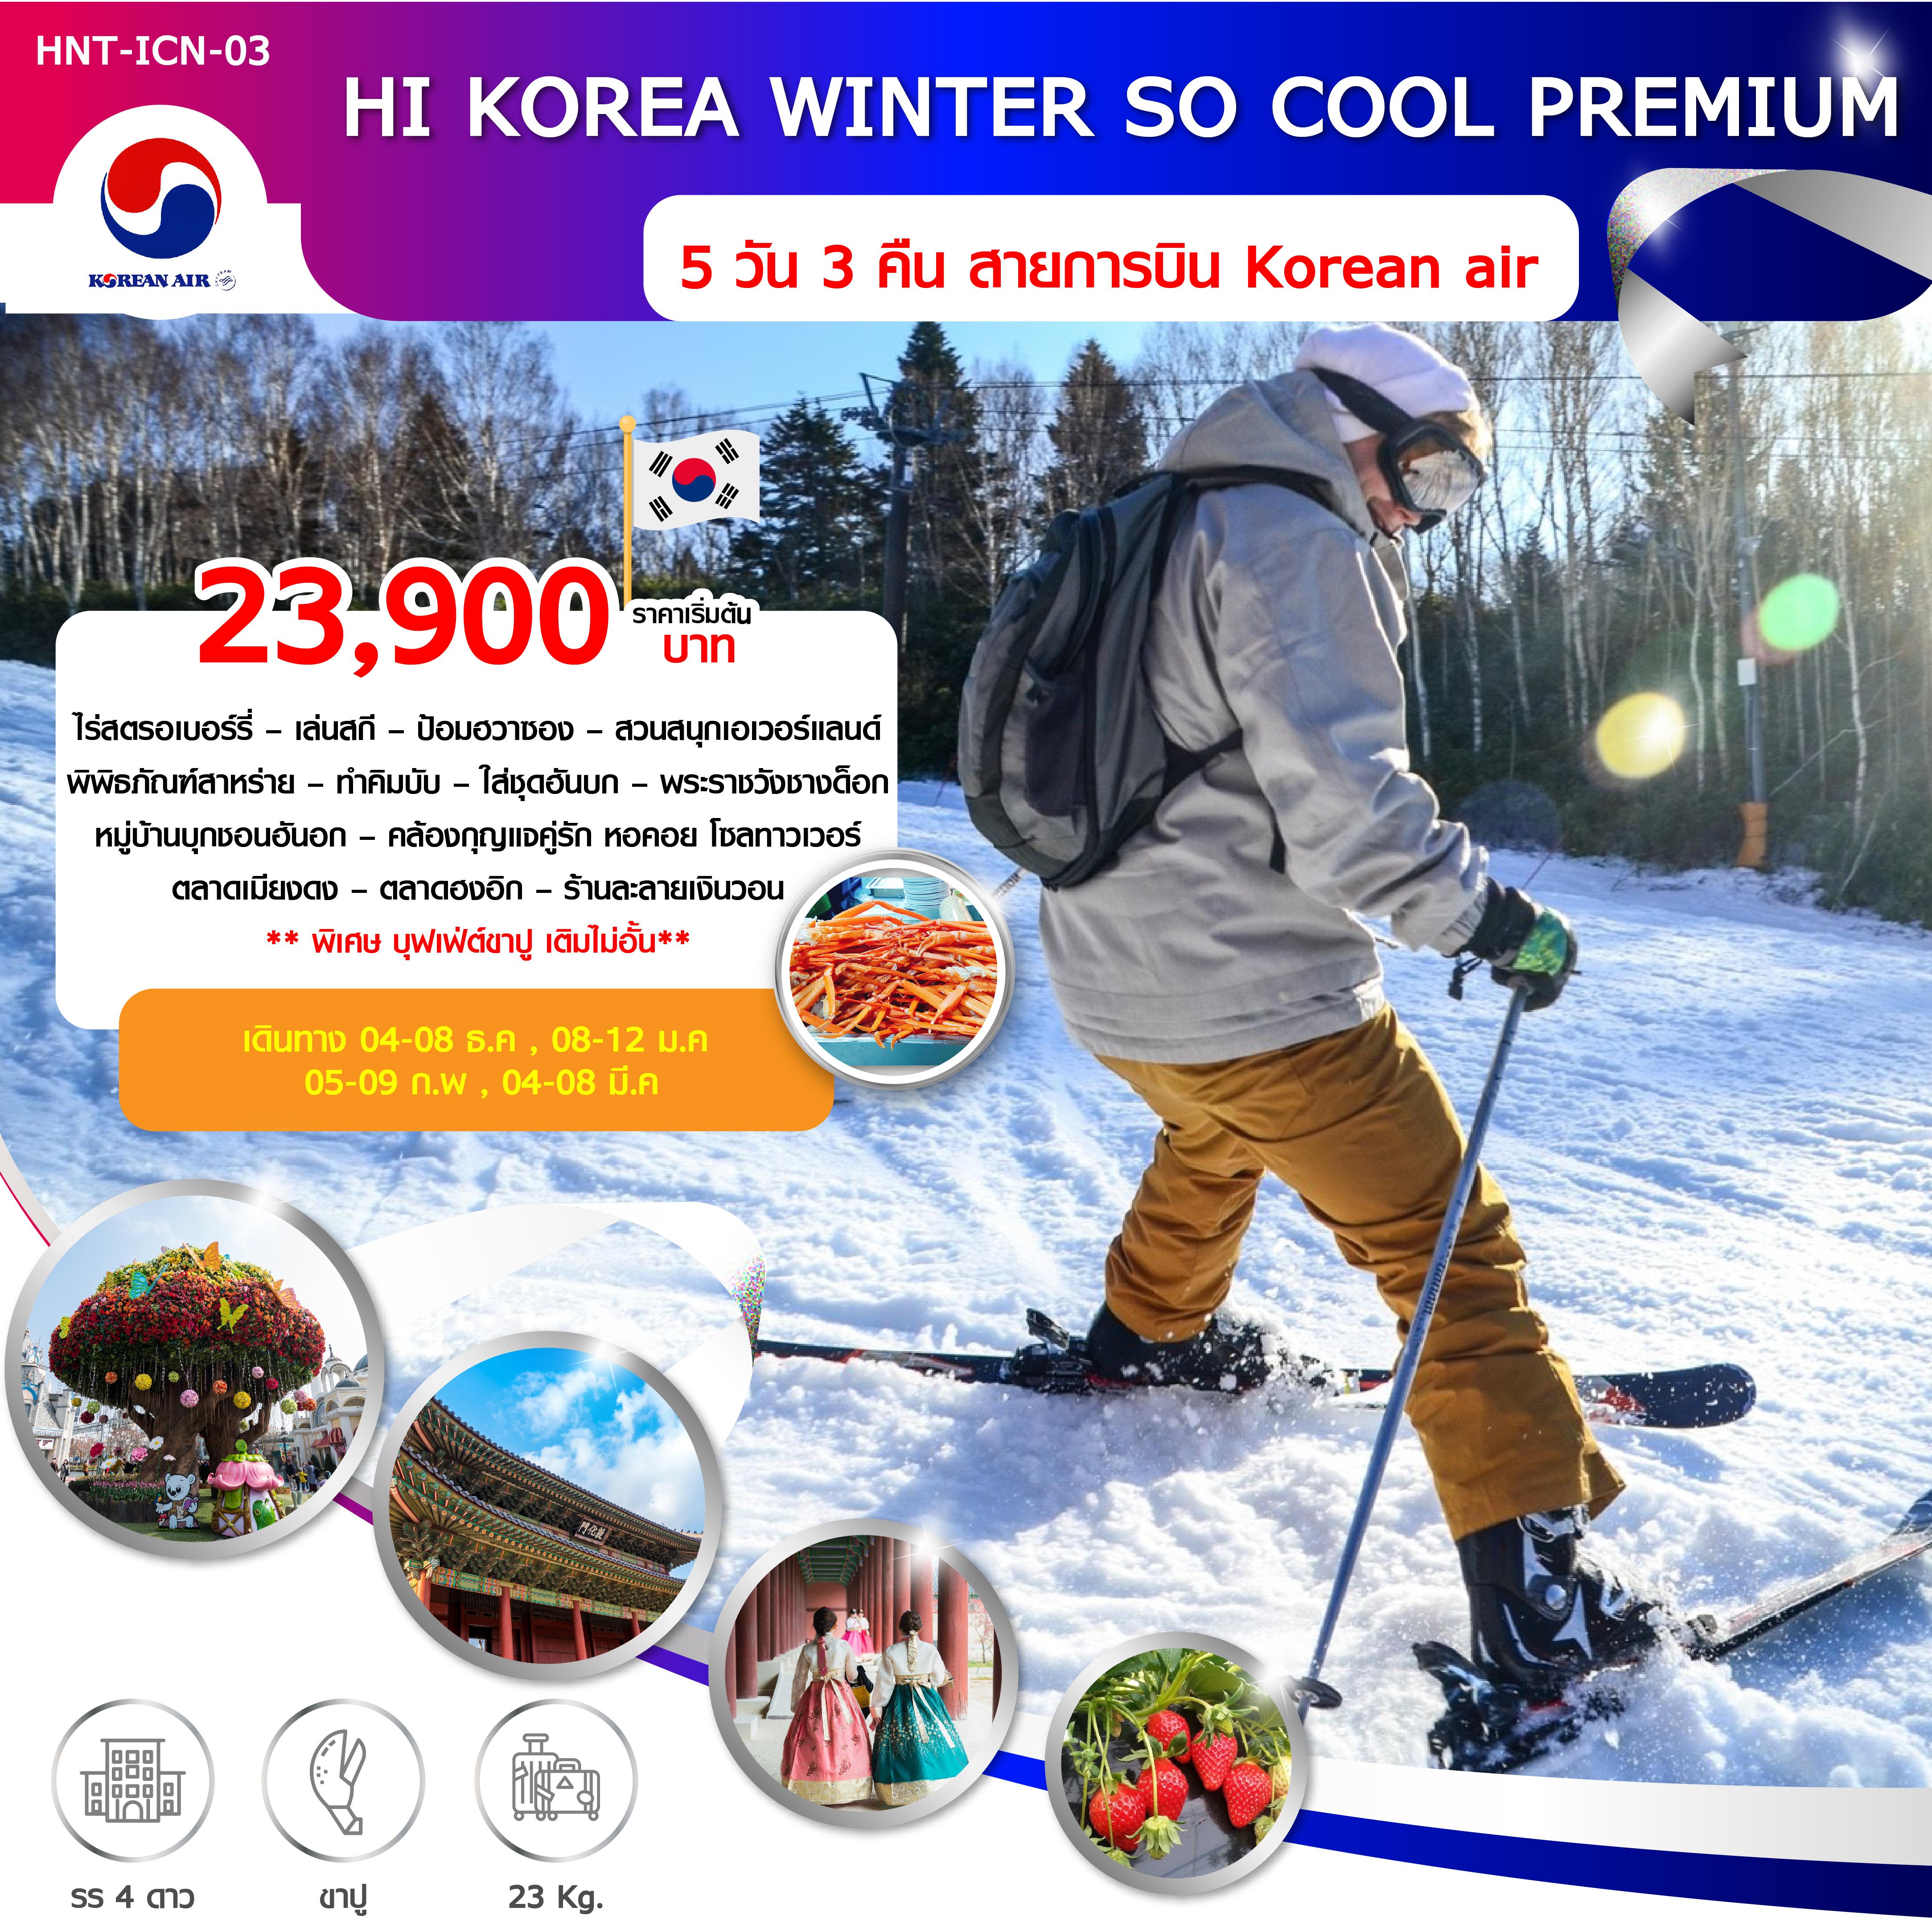 -ปีใหม่-!!-ทัวร์เกาหลี-HI-KOREA-WINTER-SO-COOL-PREMIUM-5วัน3คืน-(DEC19-MAR20)(HNT-ICN-03)